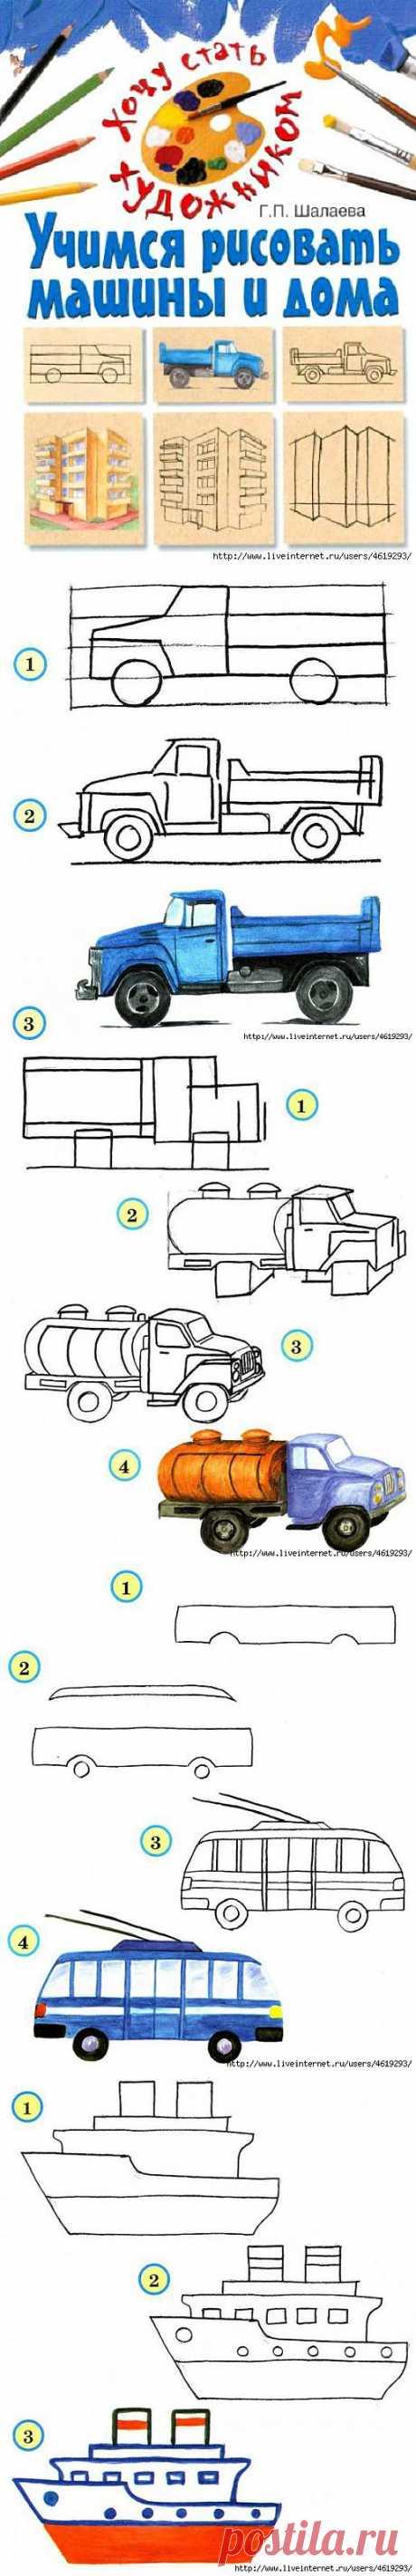 Как нарисовать транспорт поэтапно карандашом / Уроки рисования карандашом для начинающих - как научиться рисовать, учимся вместе / Ёжка - стихи, загадки, творчество и уроки рисования для детей